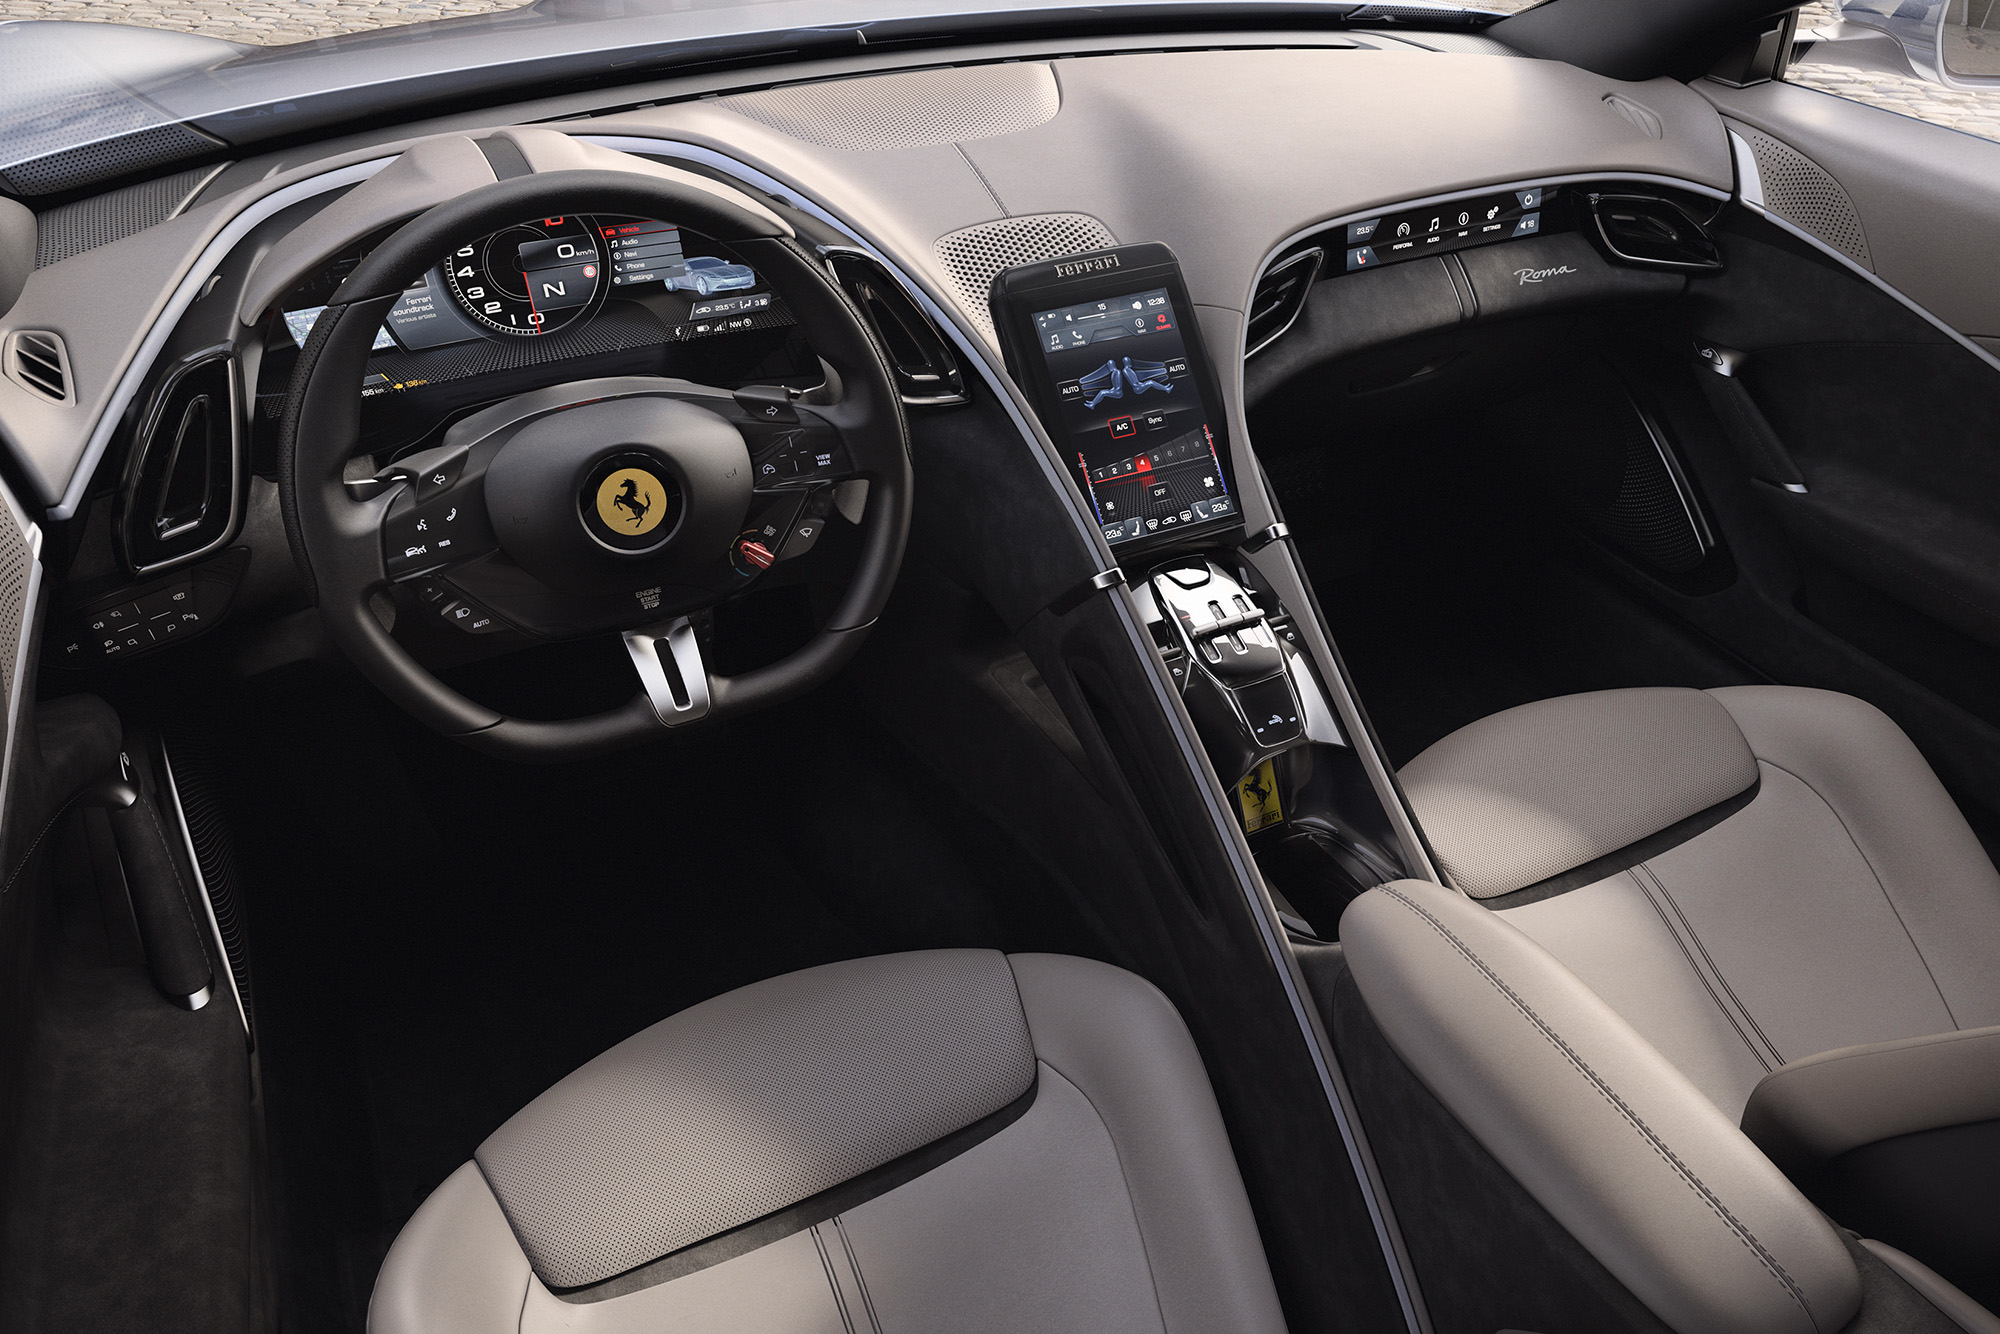 2019 Ferrari Roma interior